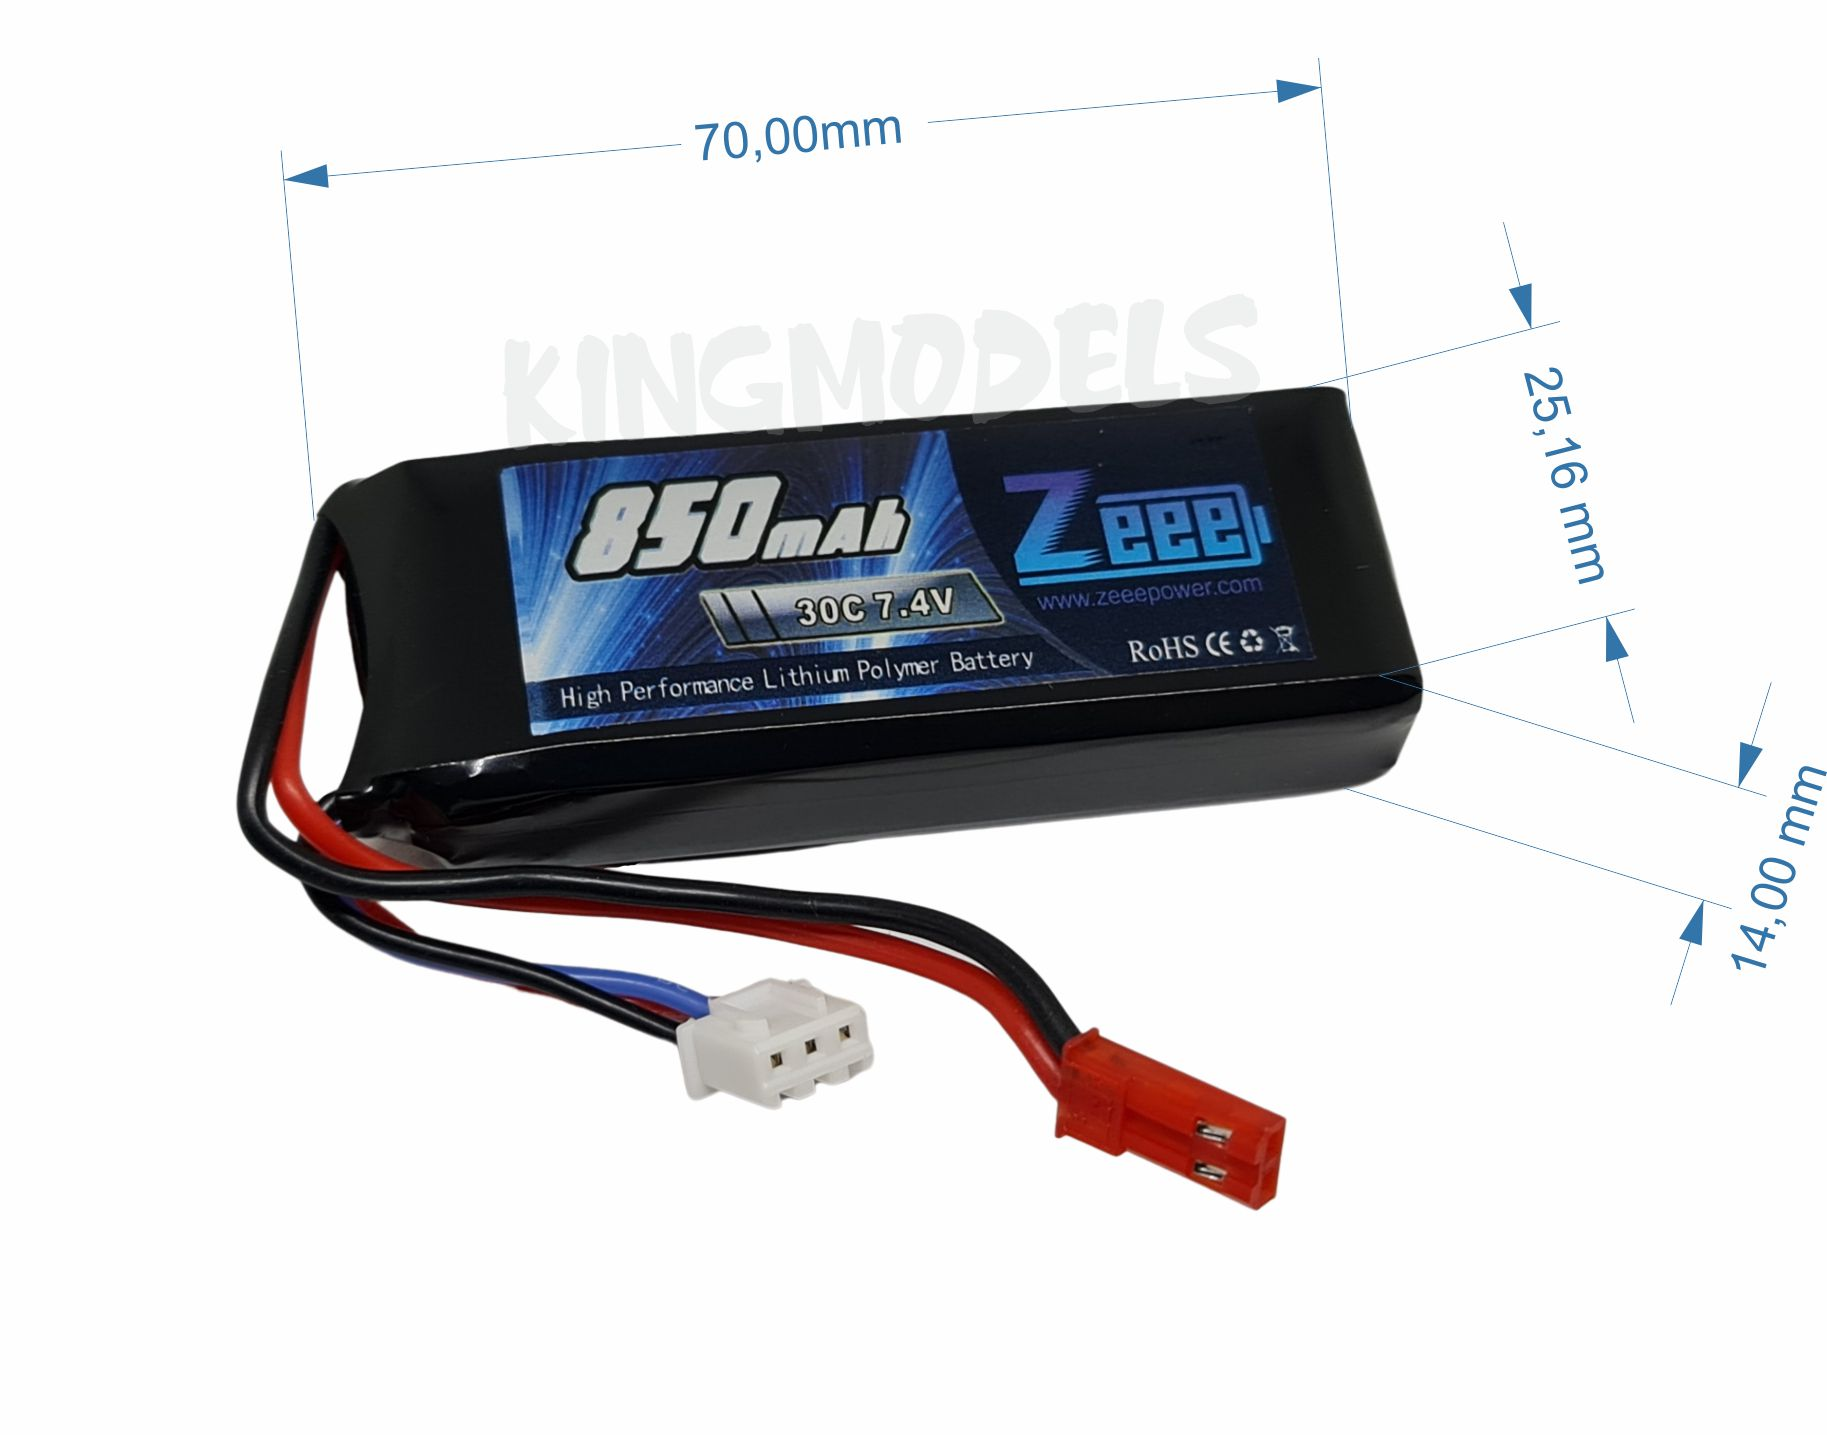 Bateria Lipo 2s 7.4v - 850mah - 30c - Jst - Top Linha  - King Models